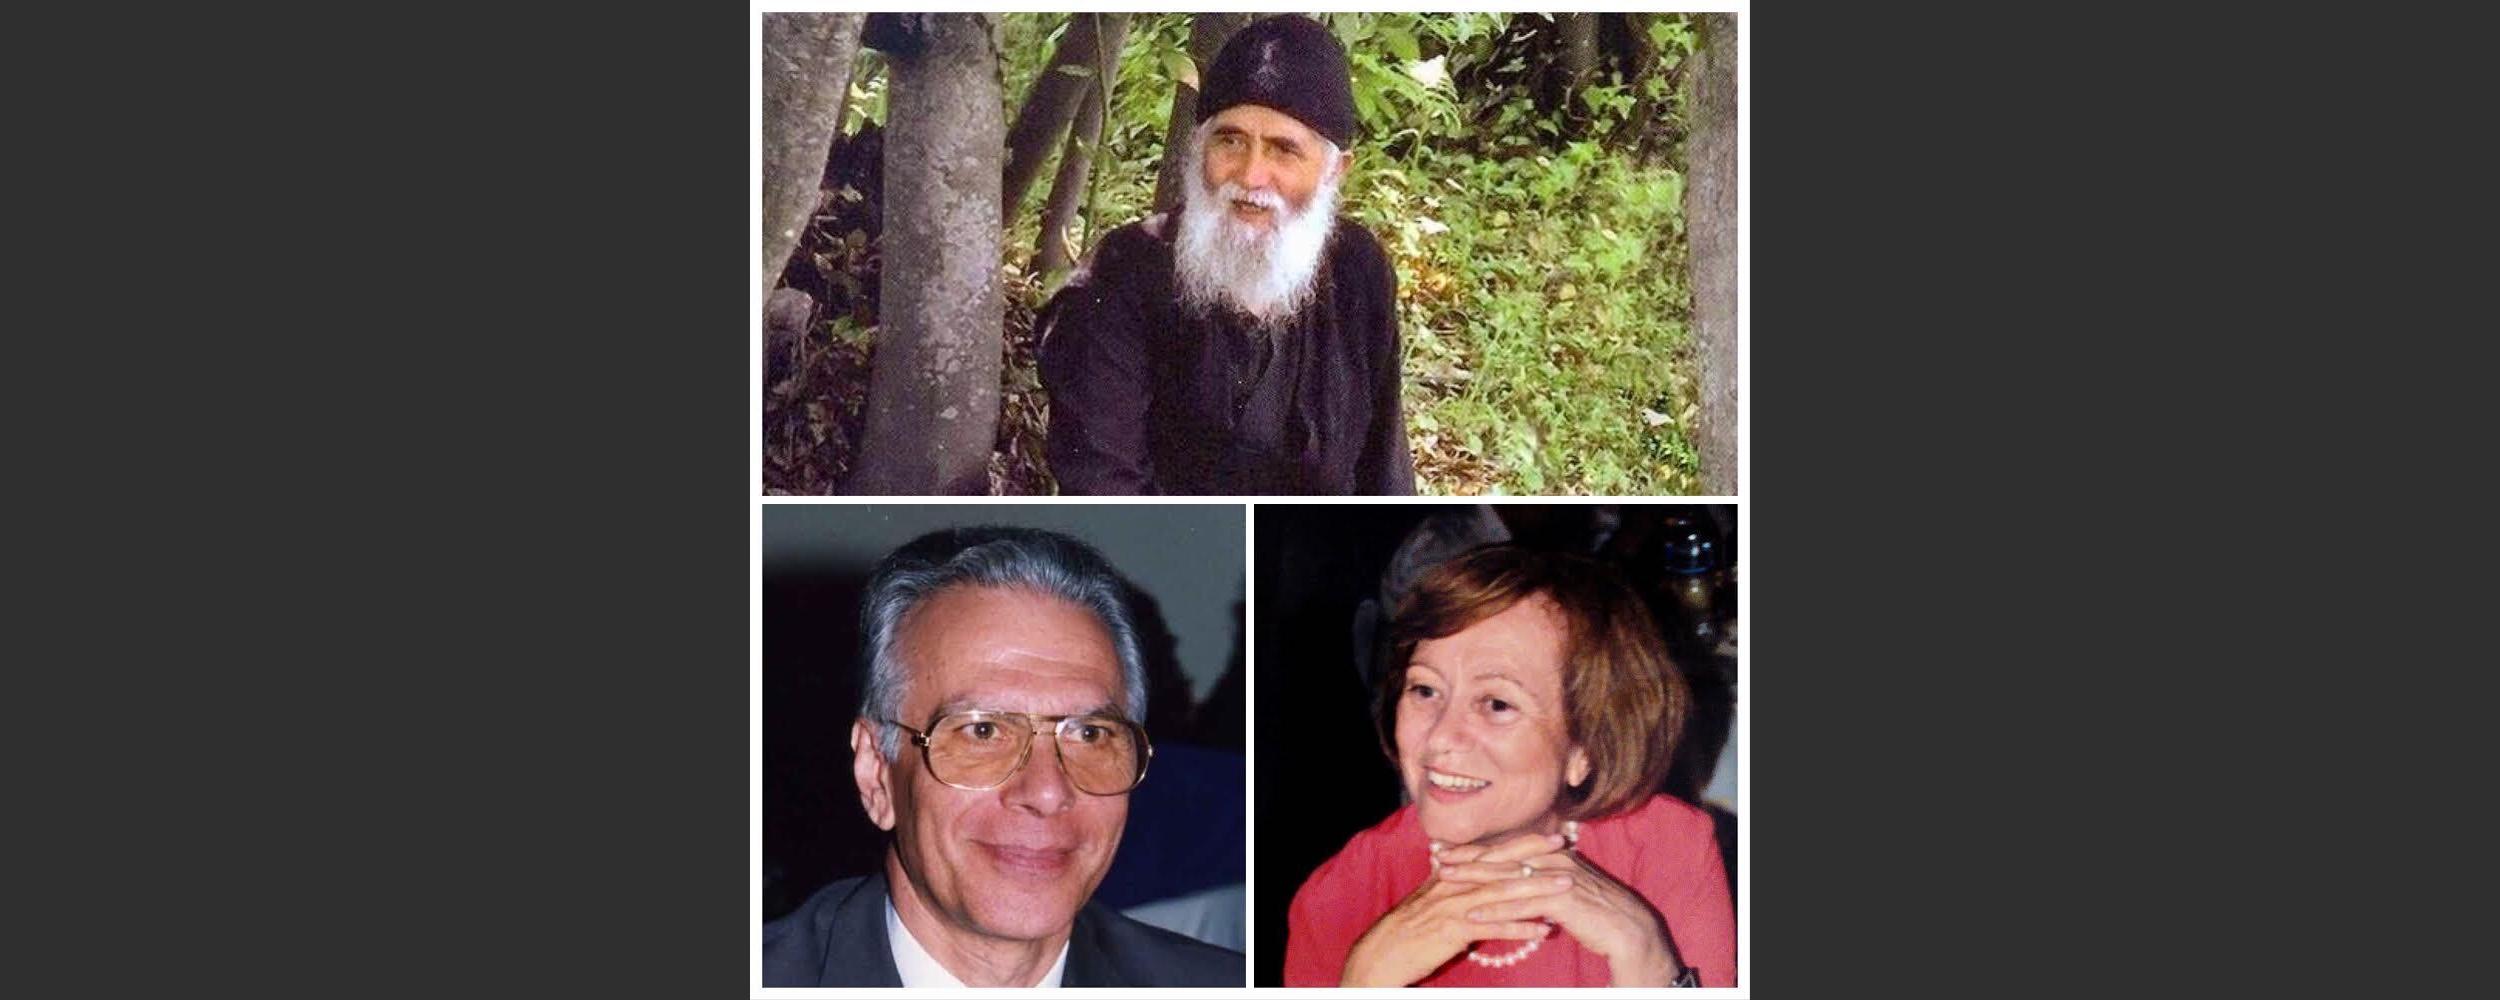 Ομιλία με θέμα «Εμπειρίες από τη γνωριμία μας με τον άγιο Παΐσιο τον Αγιορείτη»